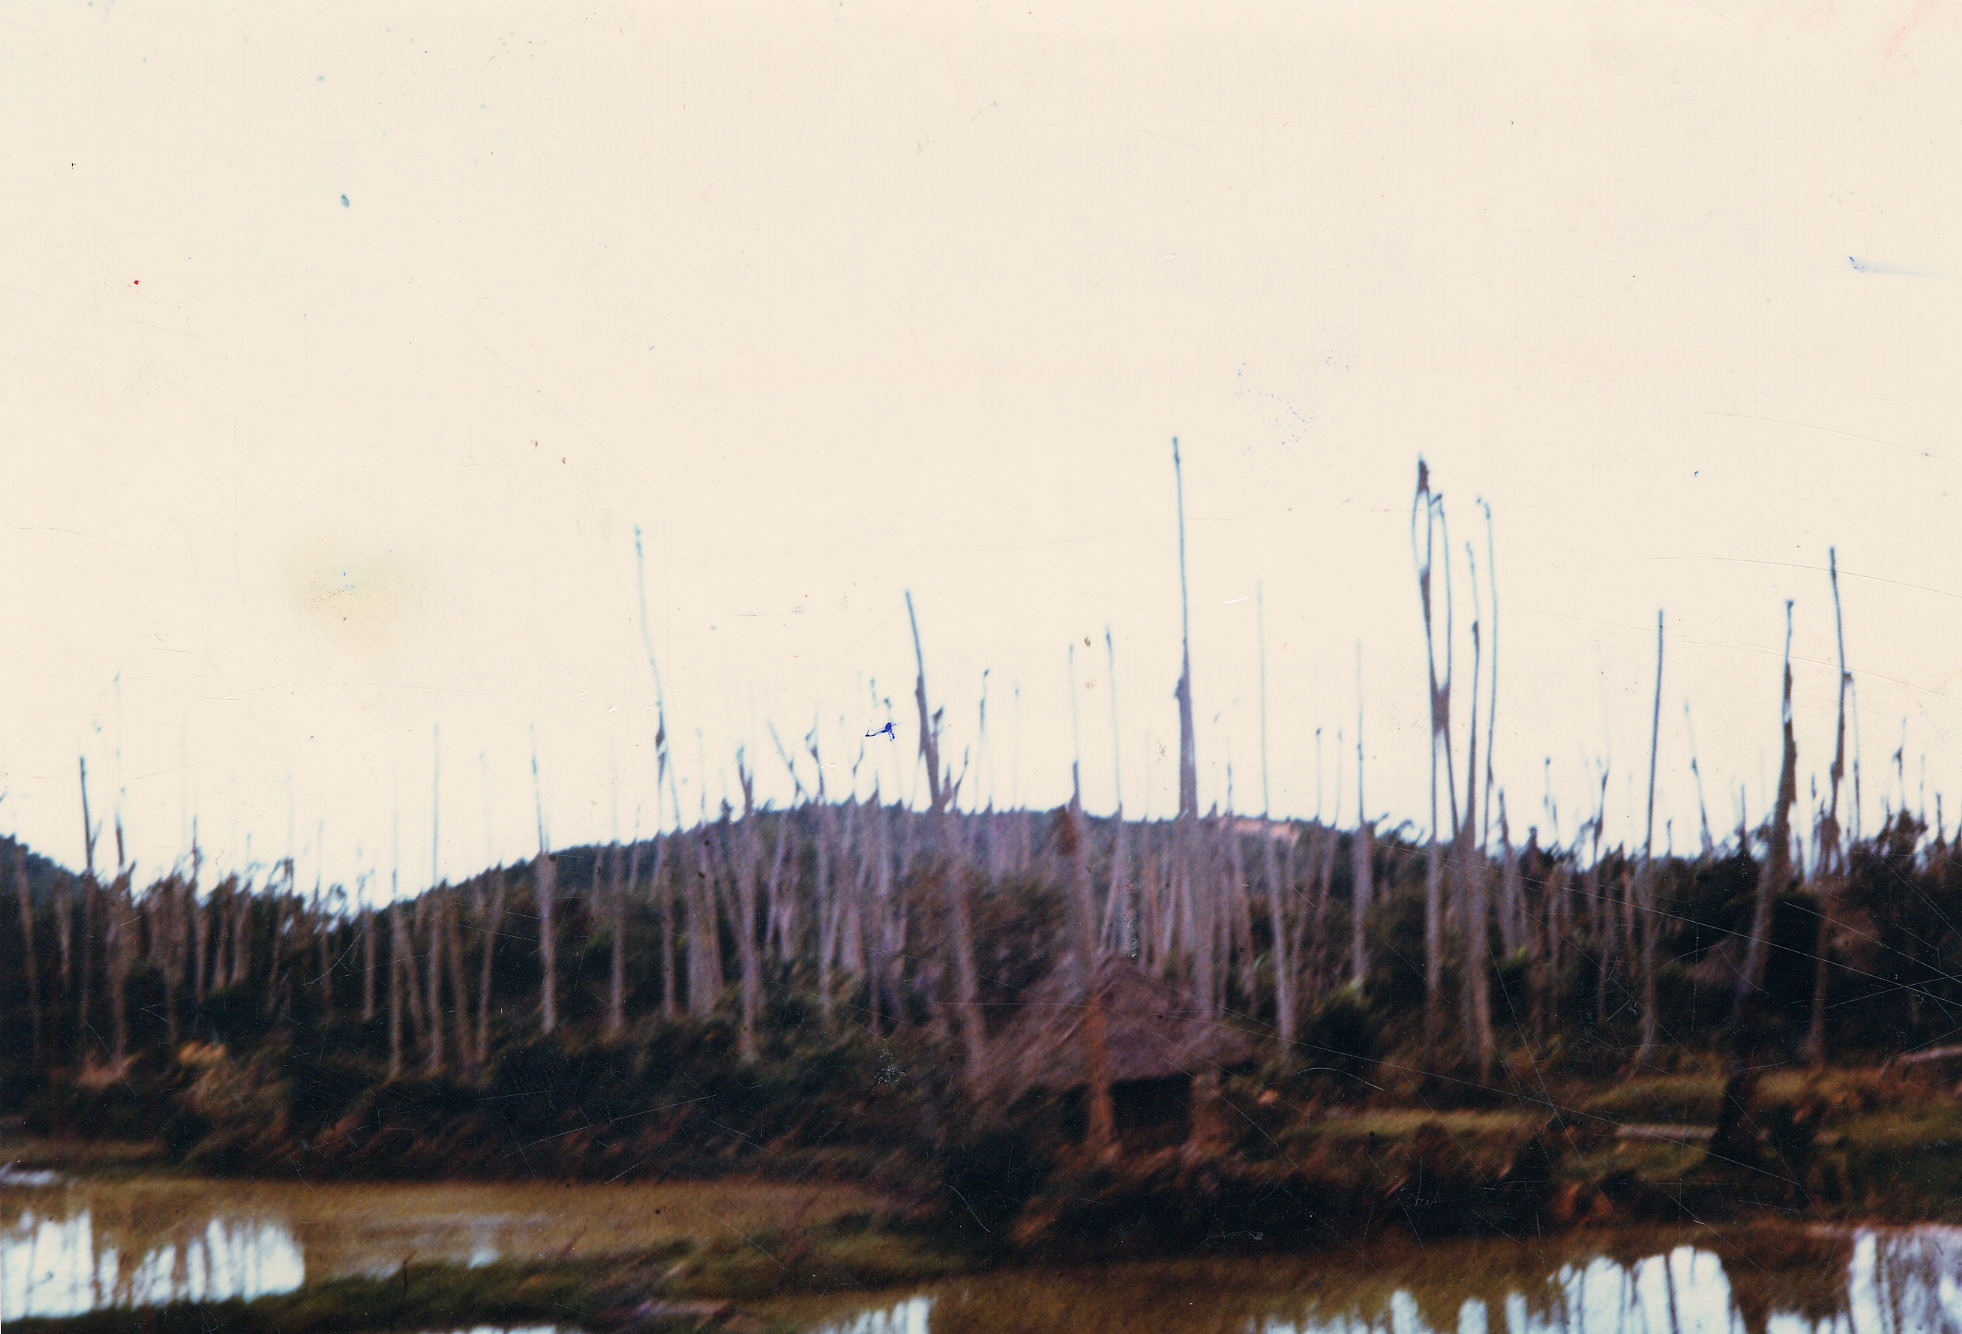 미헬기로 고엽제가 살포된뒤 앙상한 나뭇가지만 남은 베트남 정글 풍경. [중앙포토]